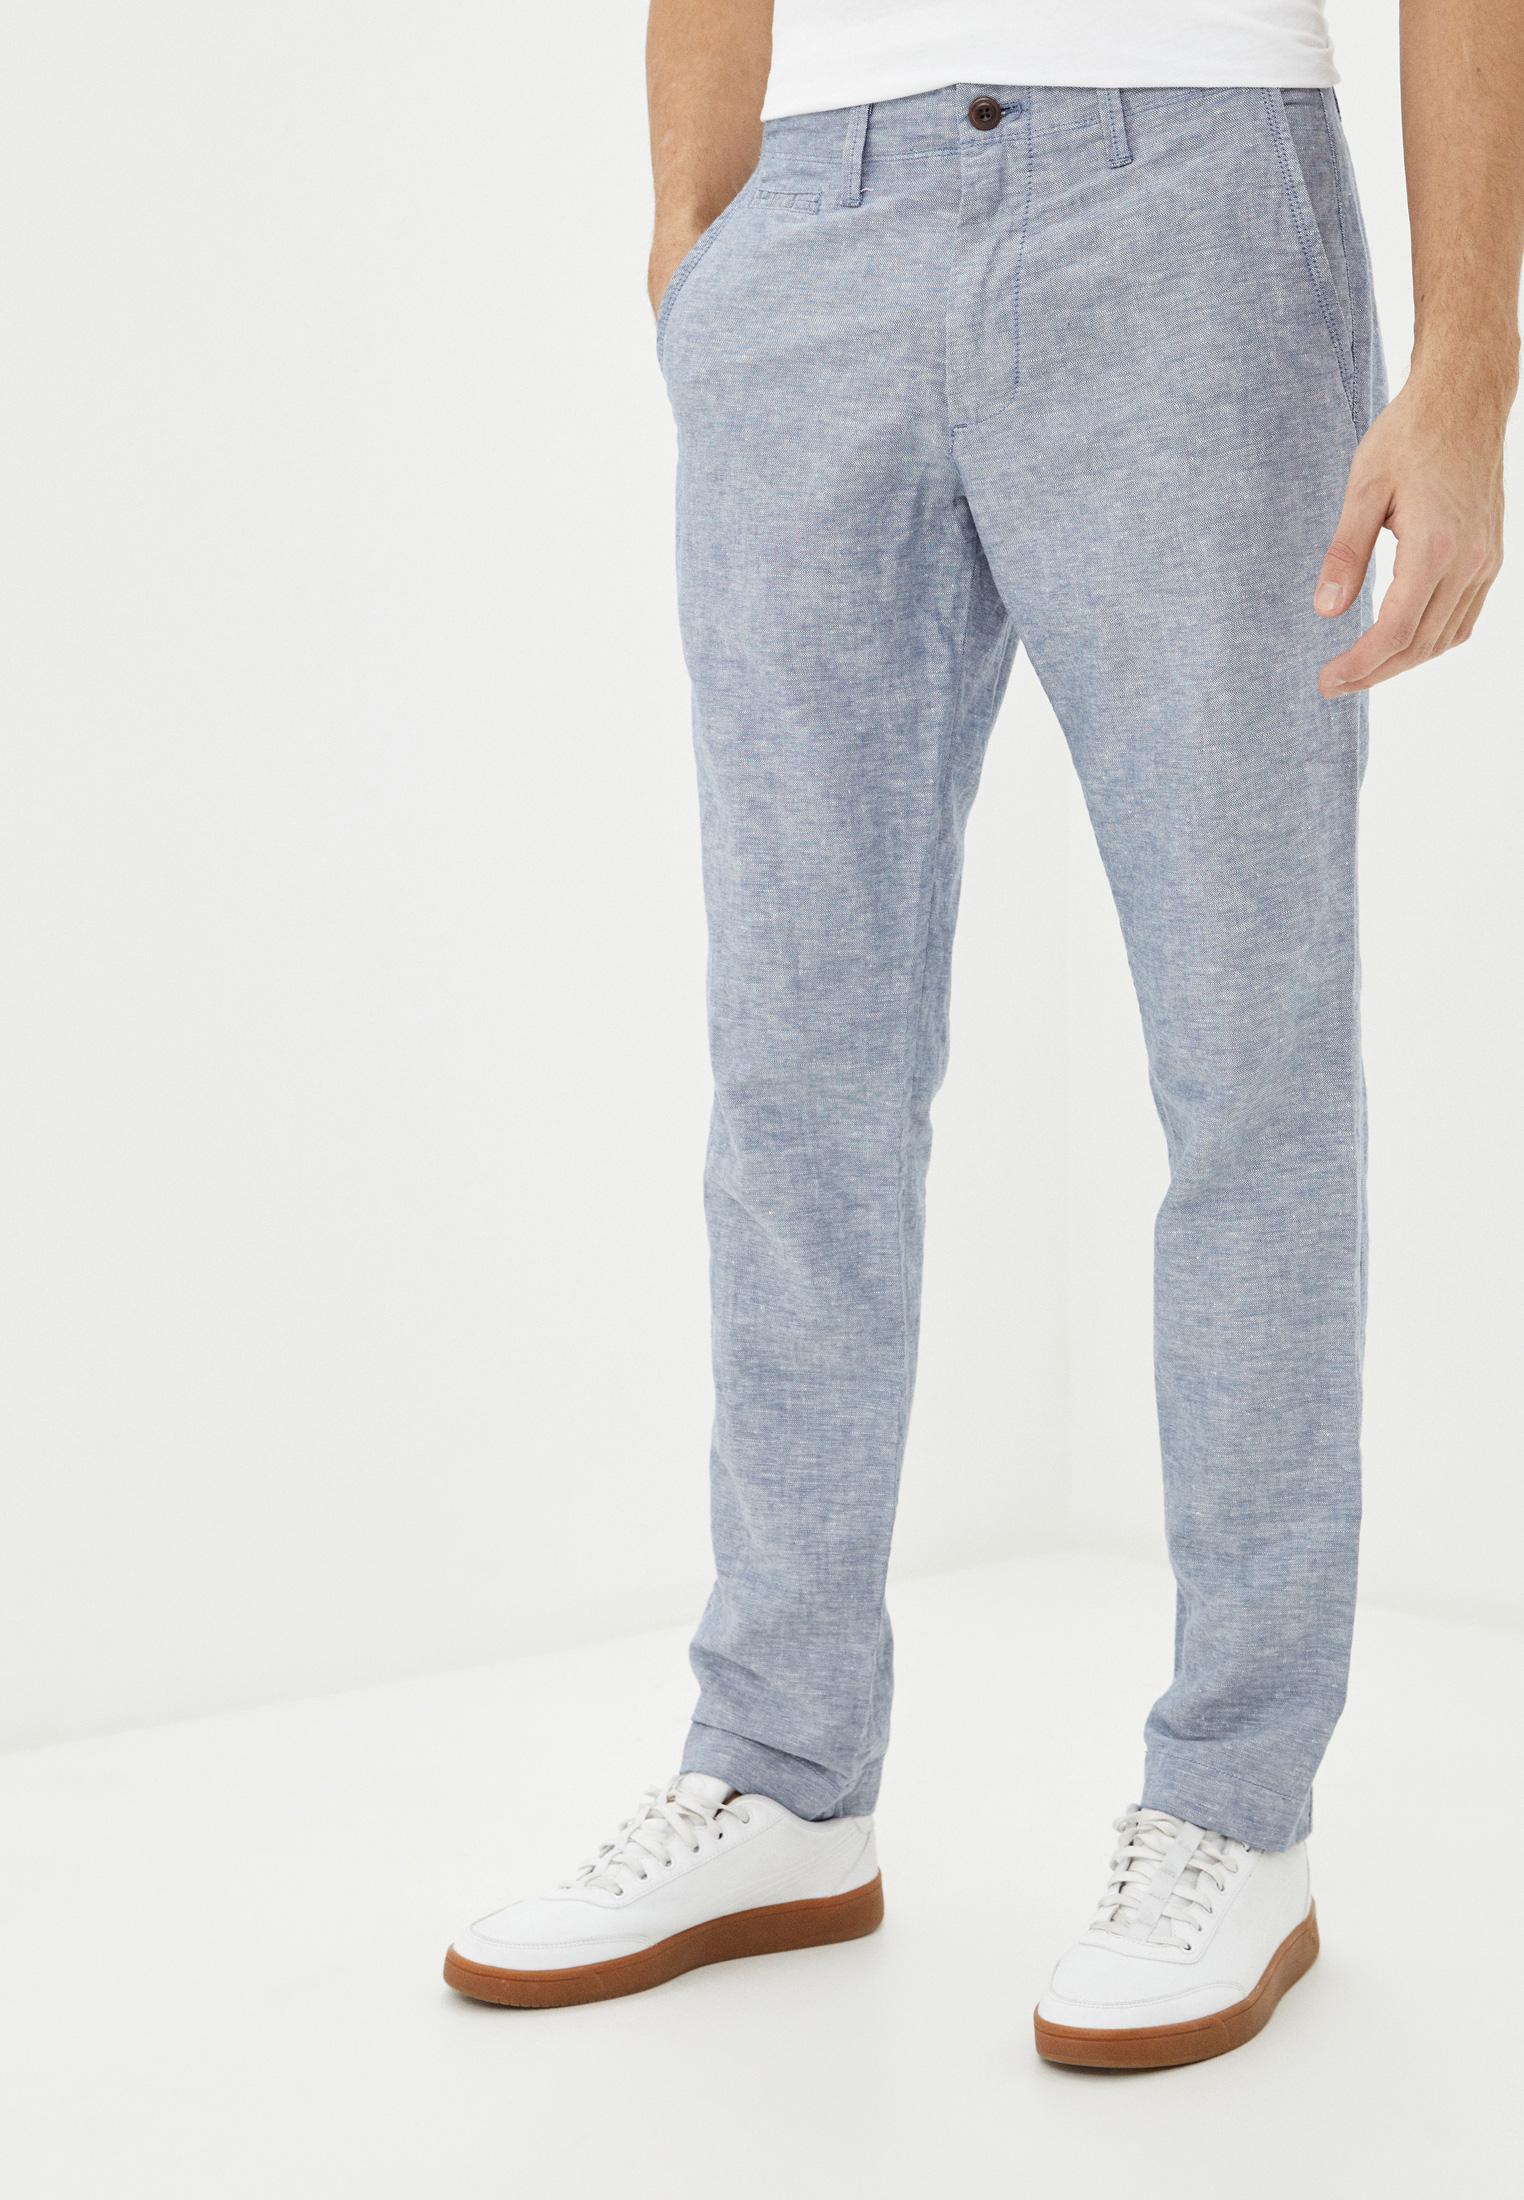 Мужские повседневные брюки Gap 544699